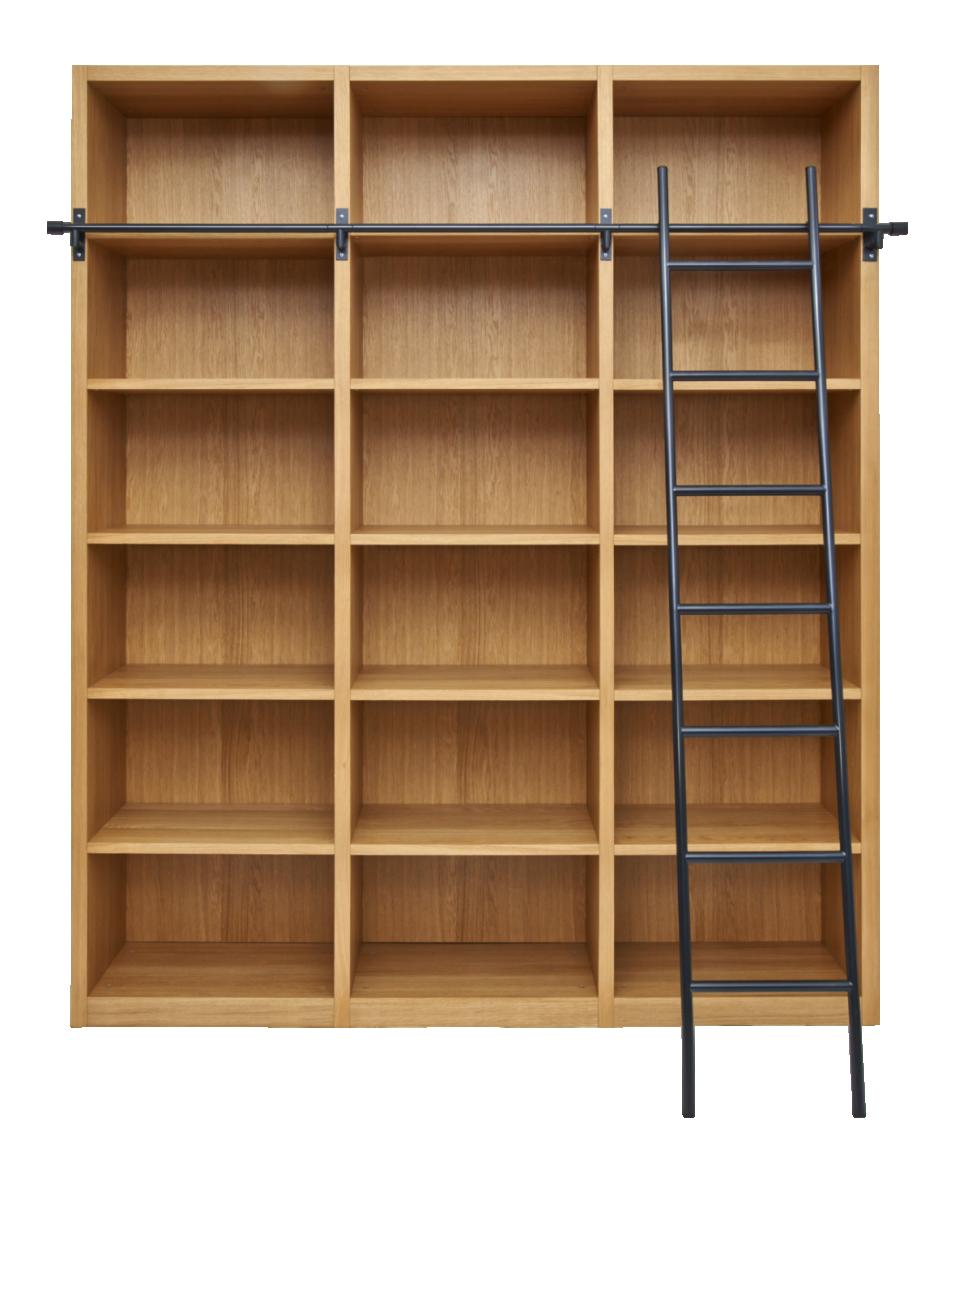 chêne son Camus avec en en Bibliothèque échelle amovible PXZiukOT